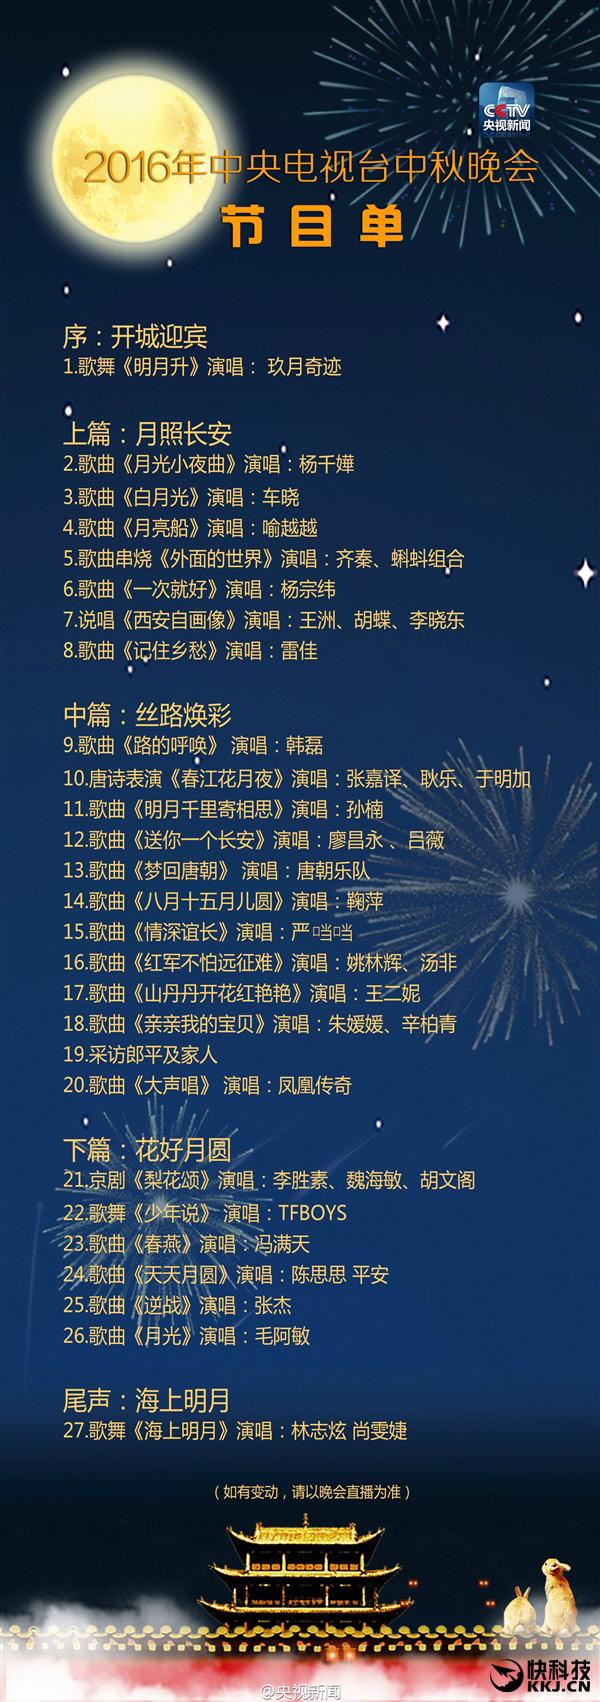 2016央视中秋晚会节目单:TFBoys献唱